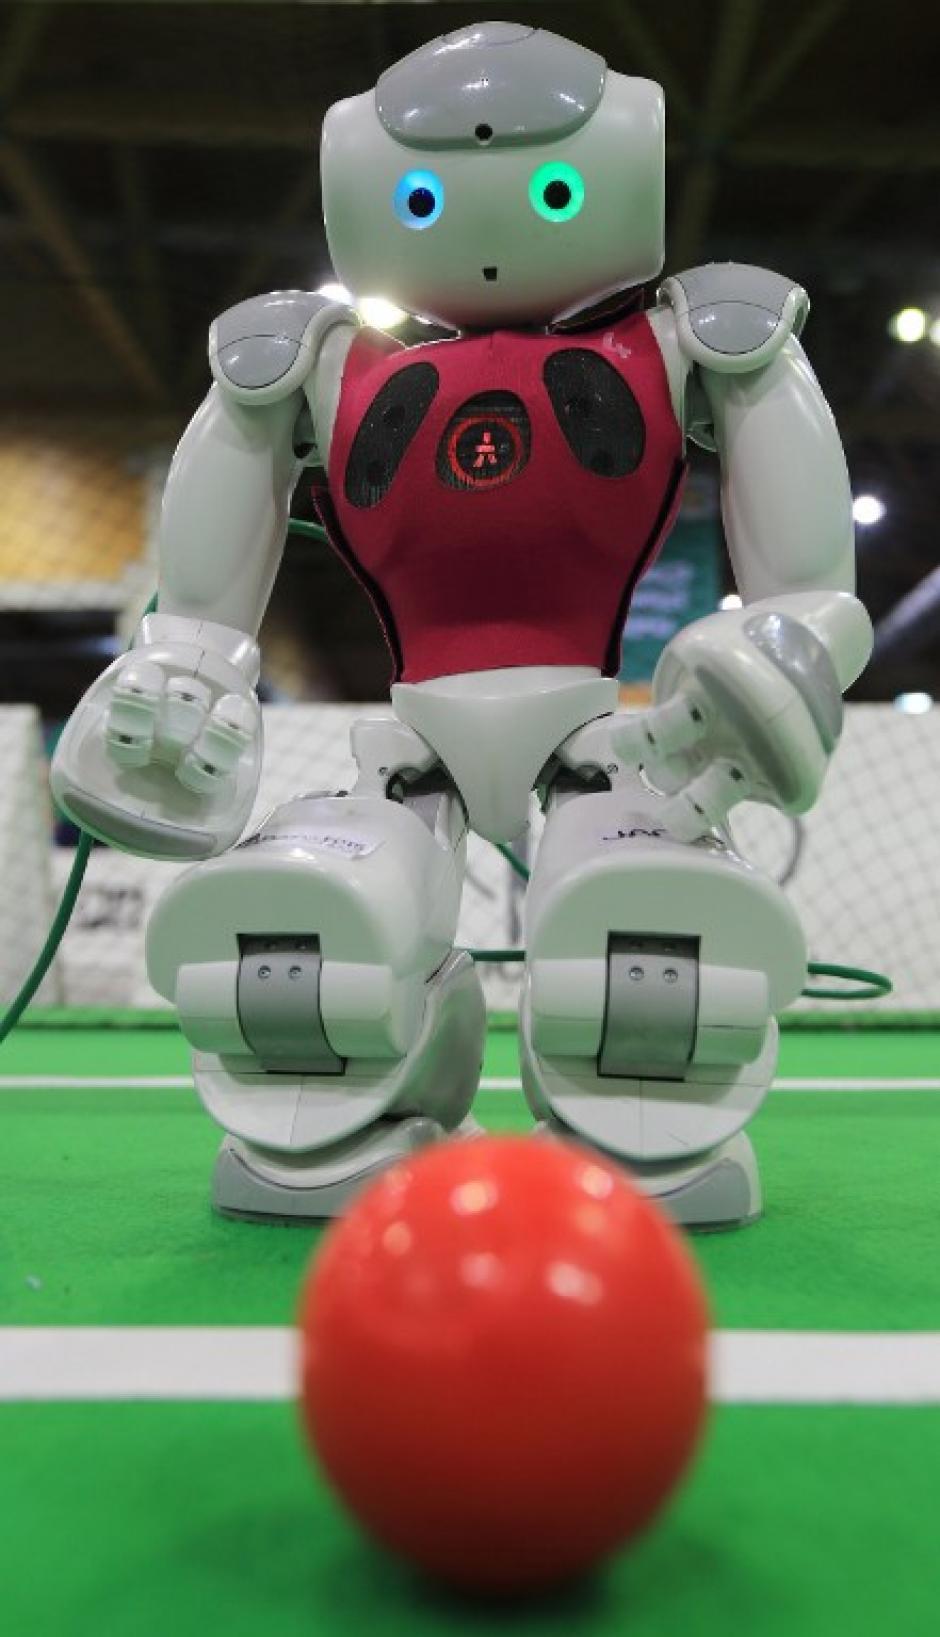 El certamen está pensado para promover la investigación en robótica e inteligencia artificial. (Foto: AFP)